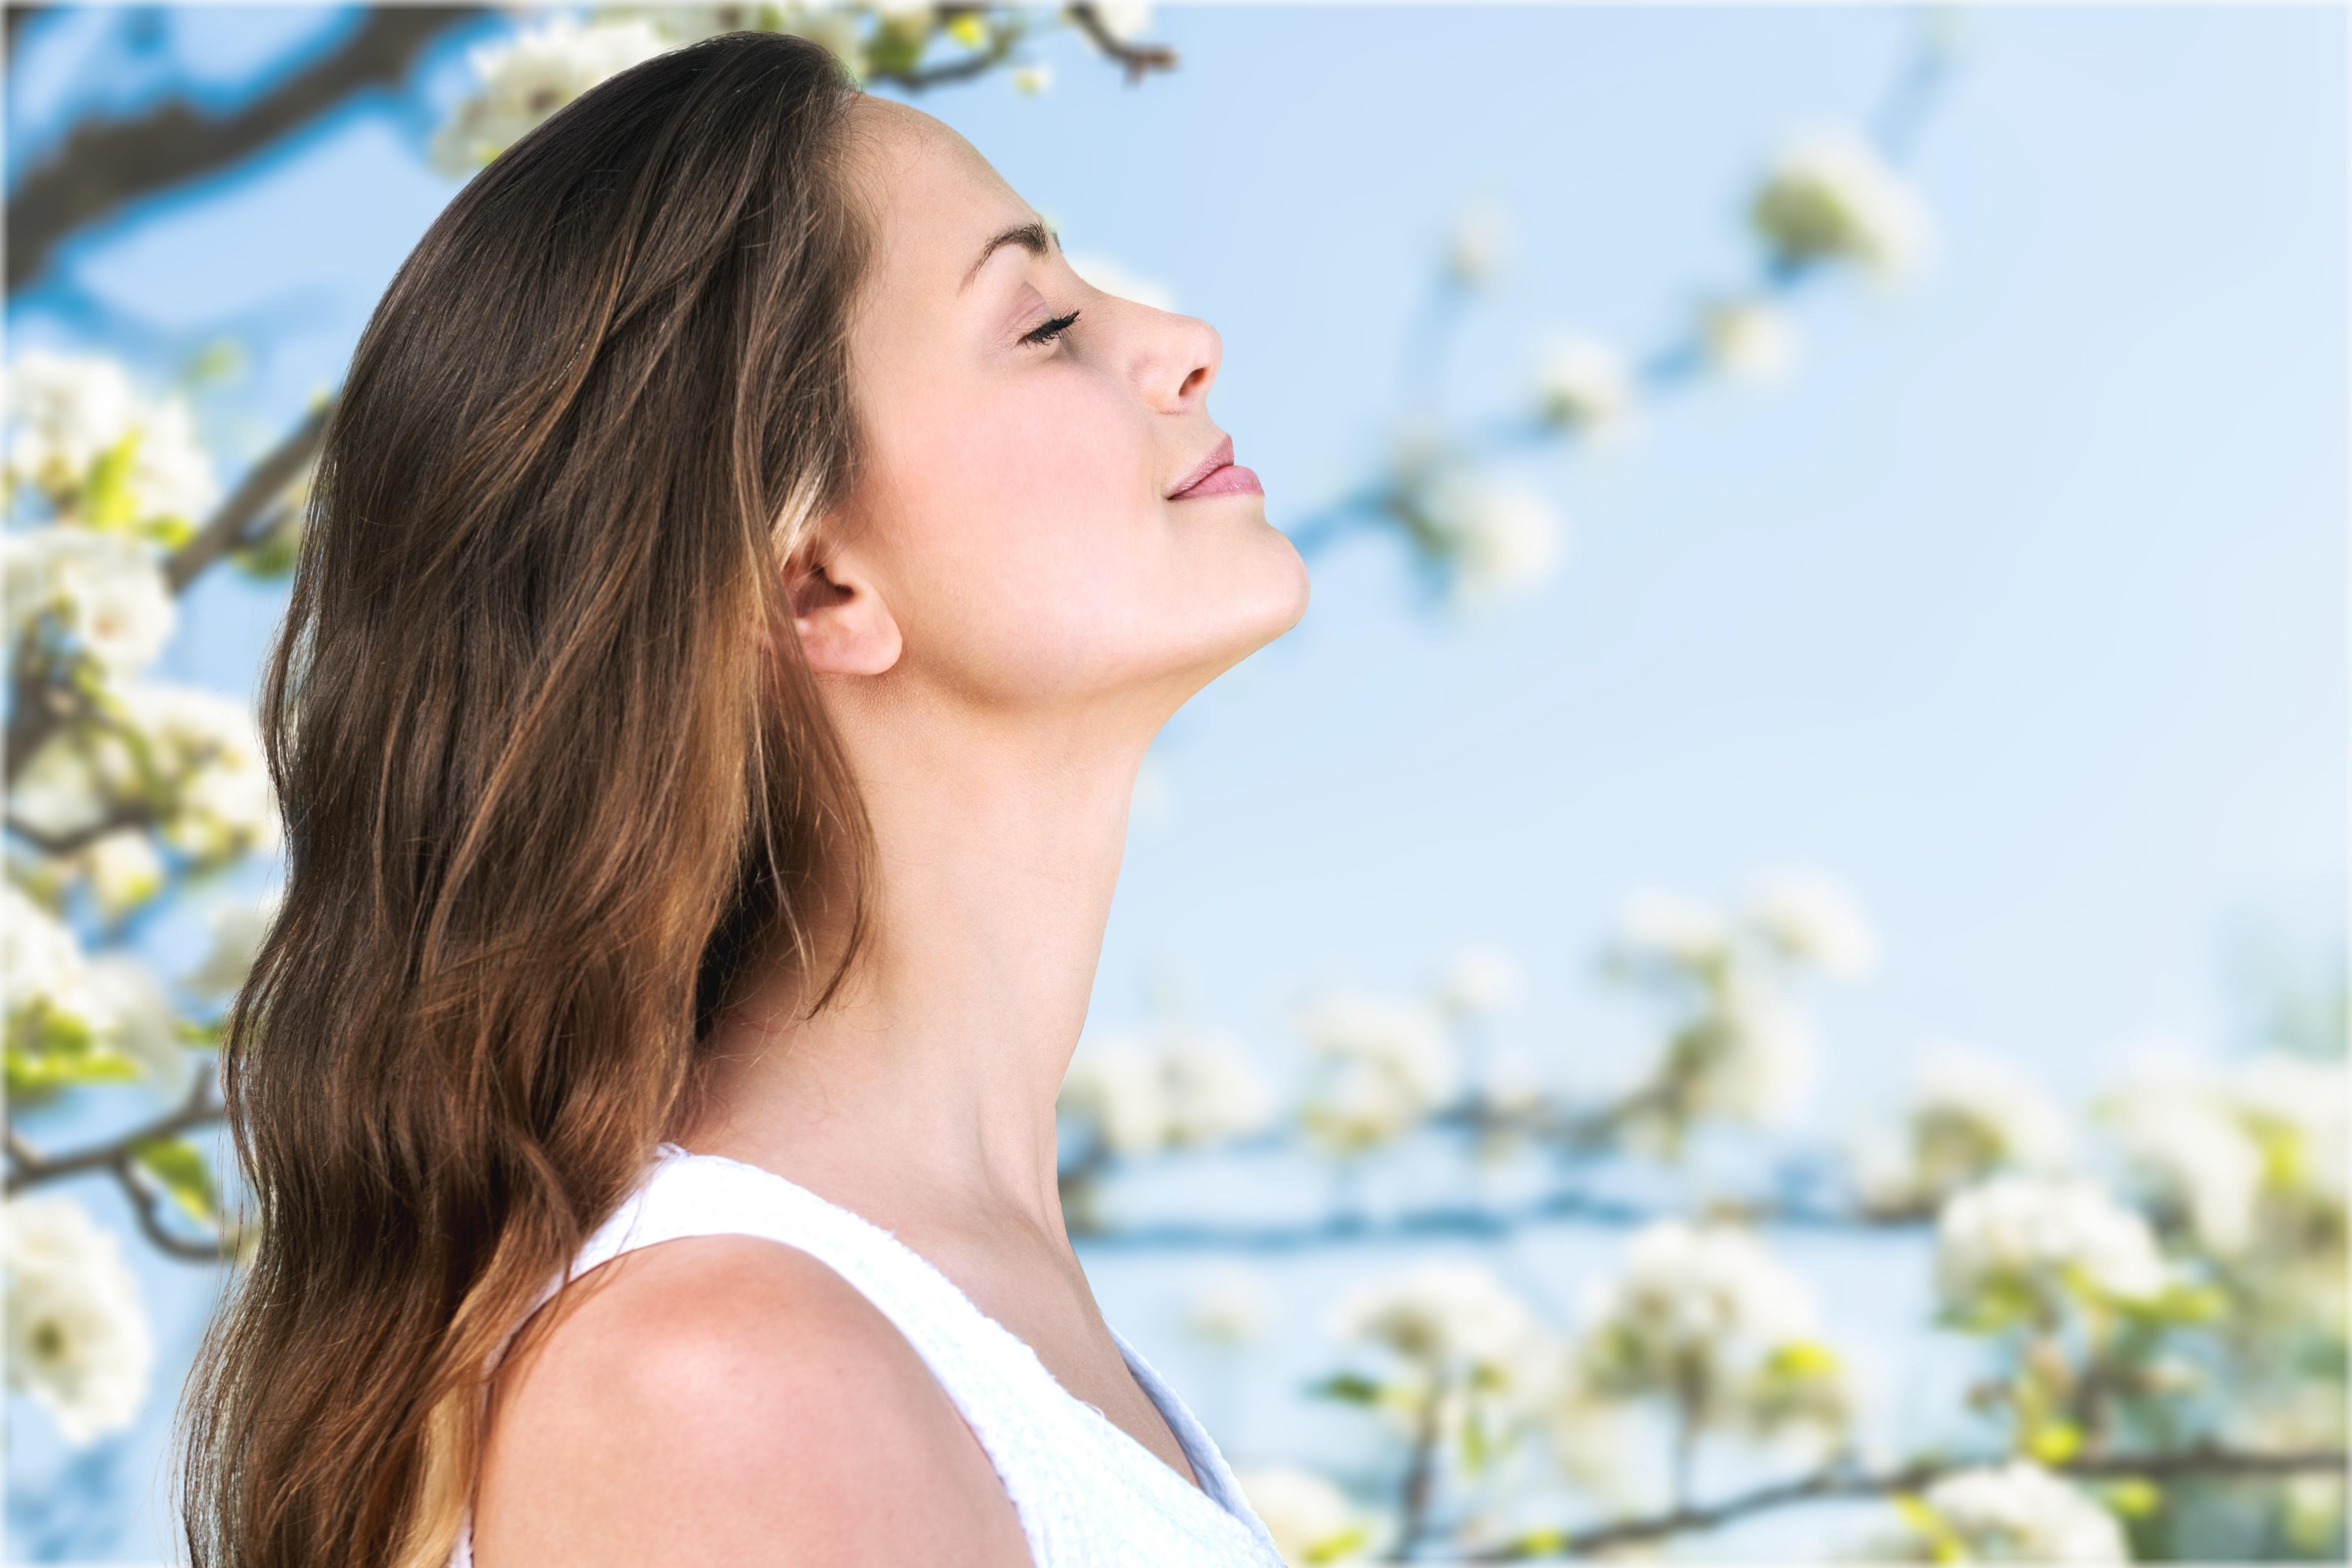 6 étapes pour définir ce qui est le plus important dans votre vie pour être heureux et satisfait